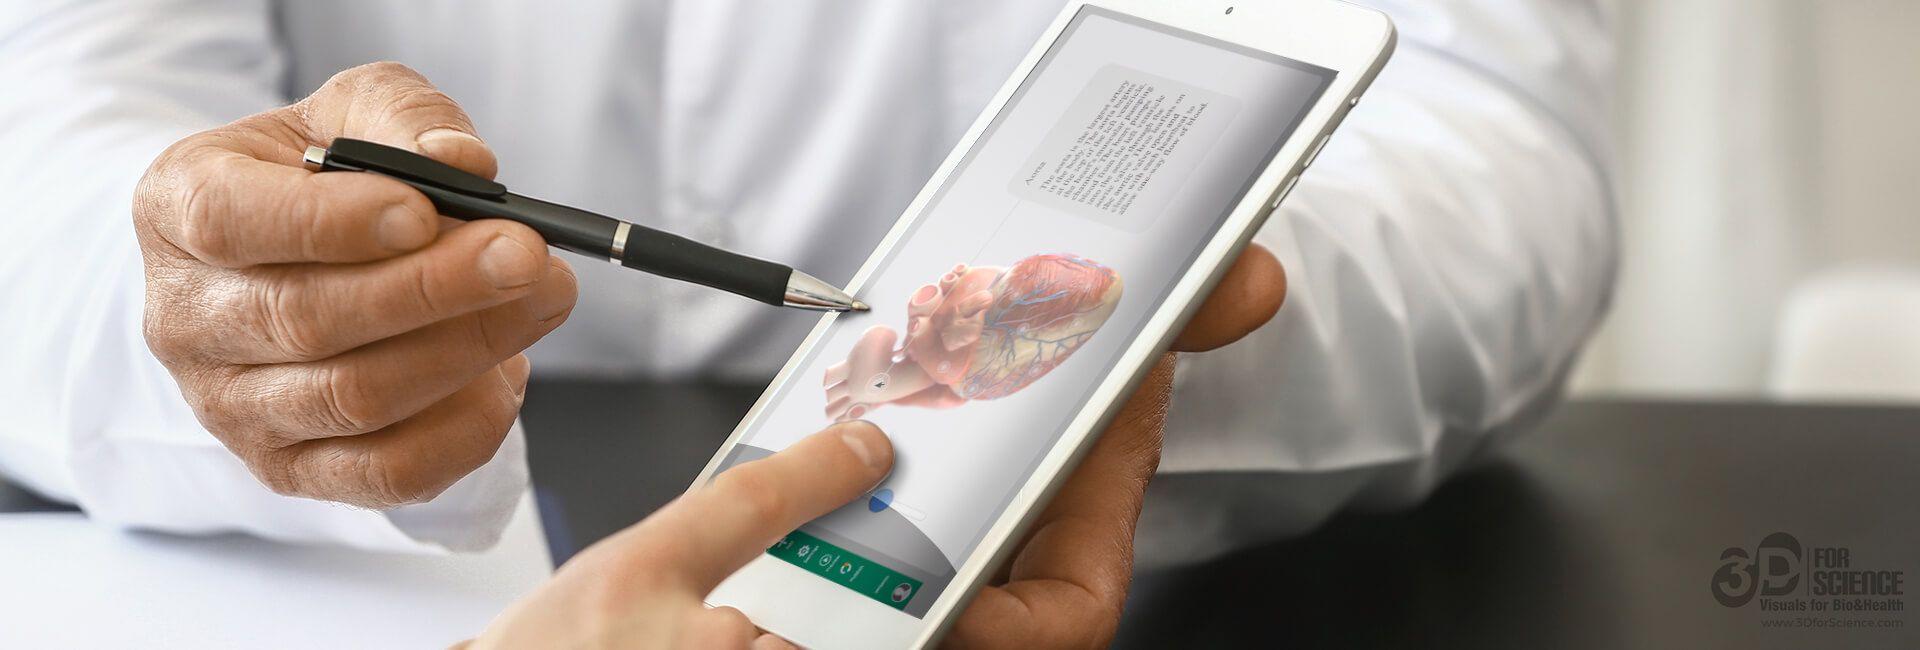 e-detailing digital materials